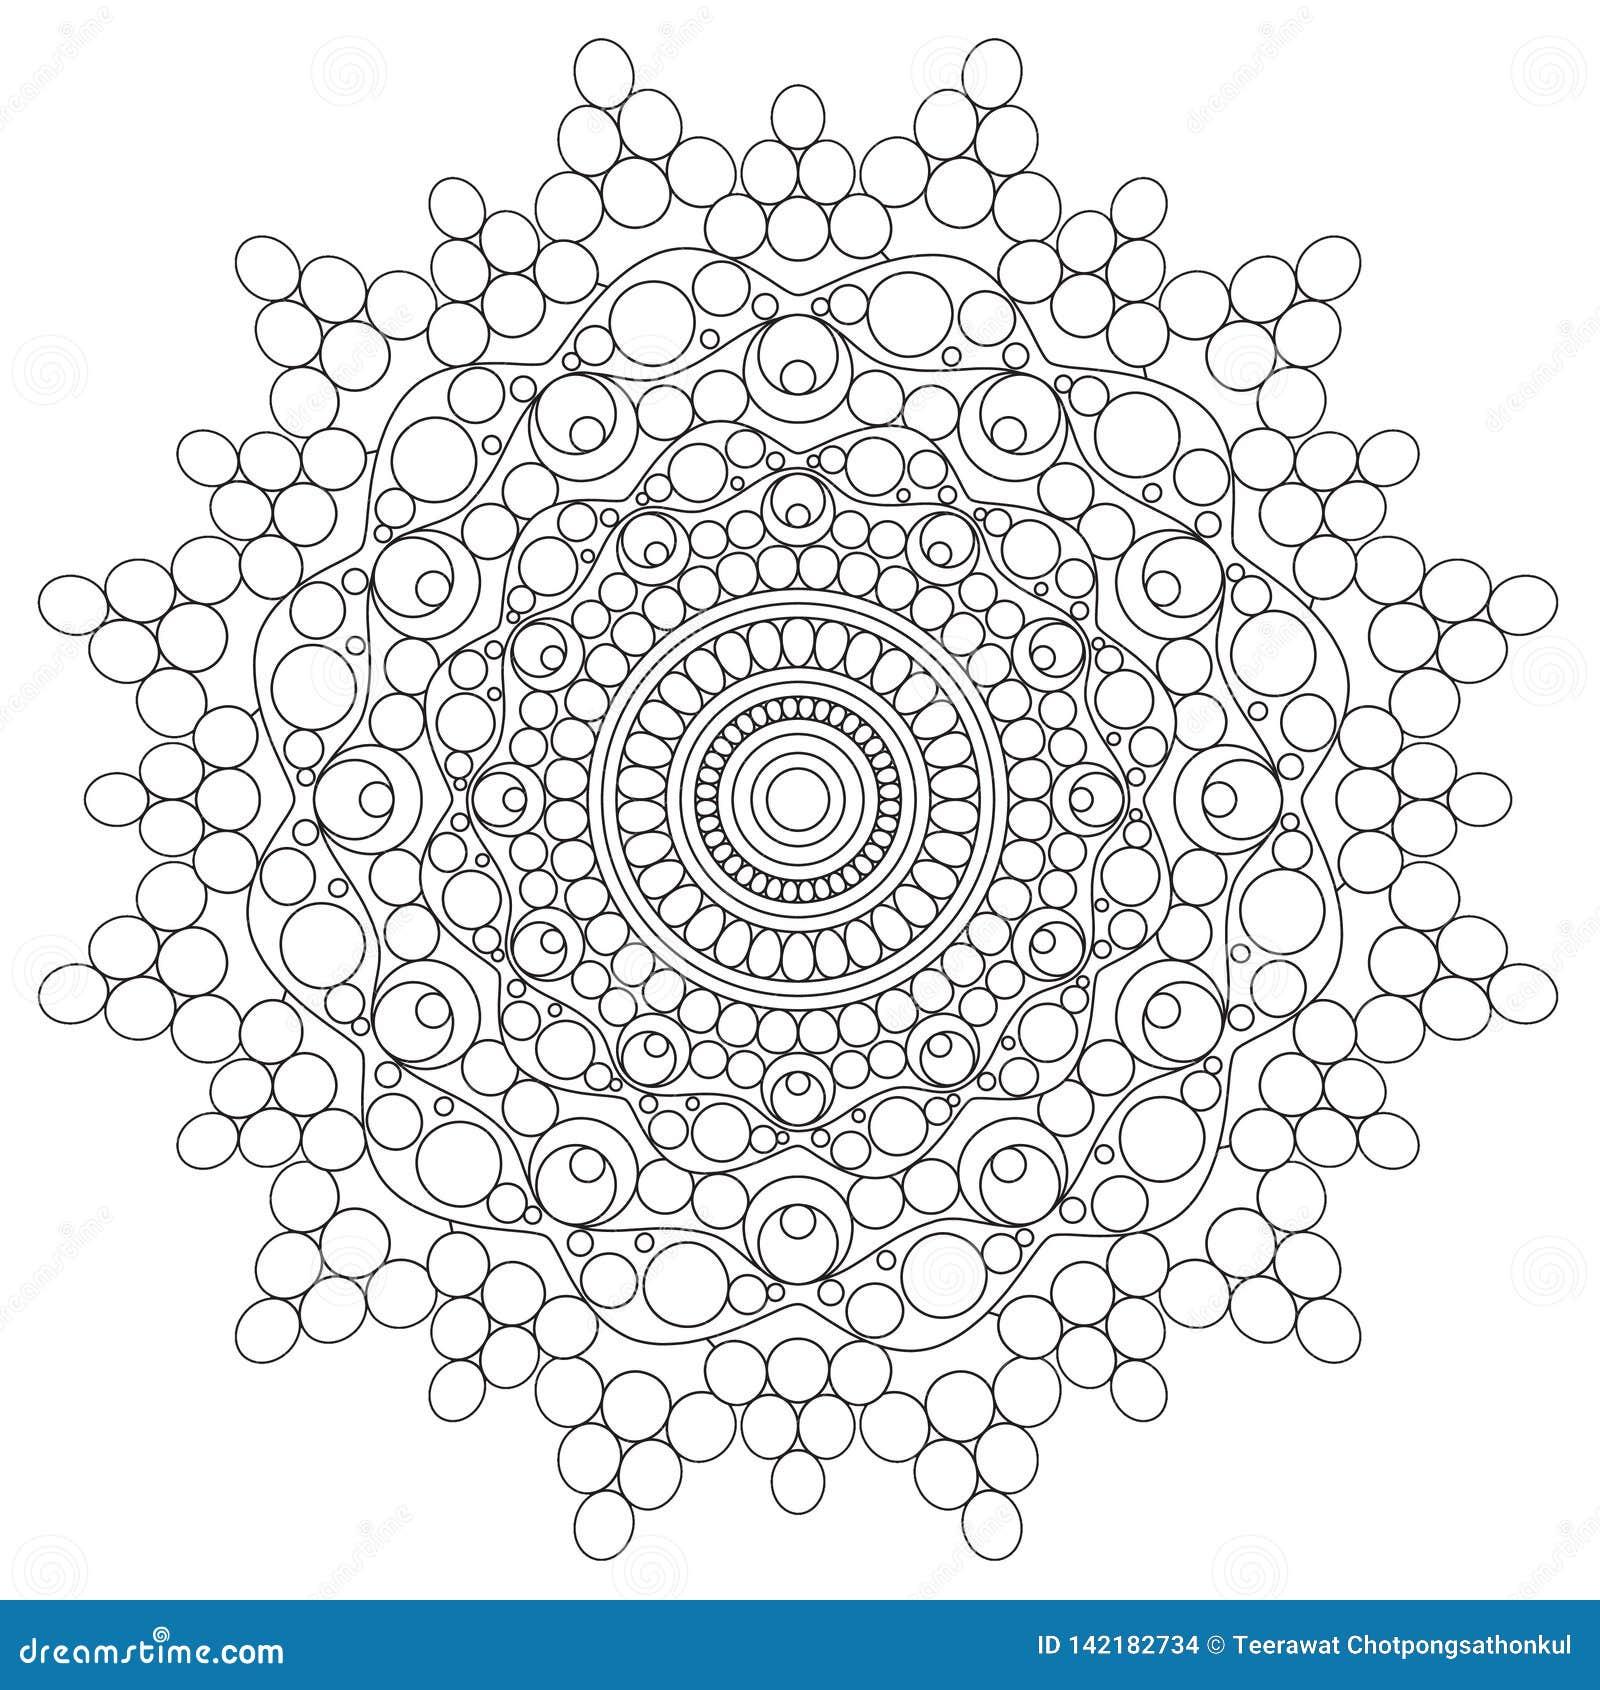 Mandala Intricate Patterns Black en Witte Goede Stemming